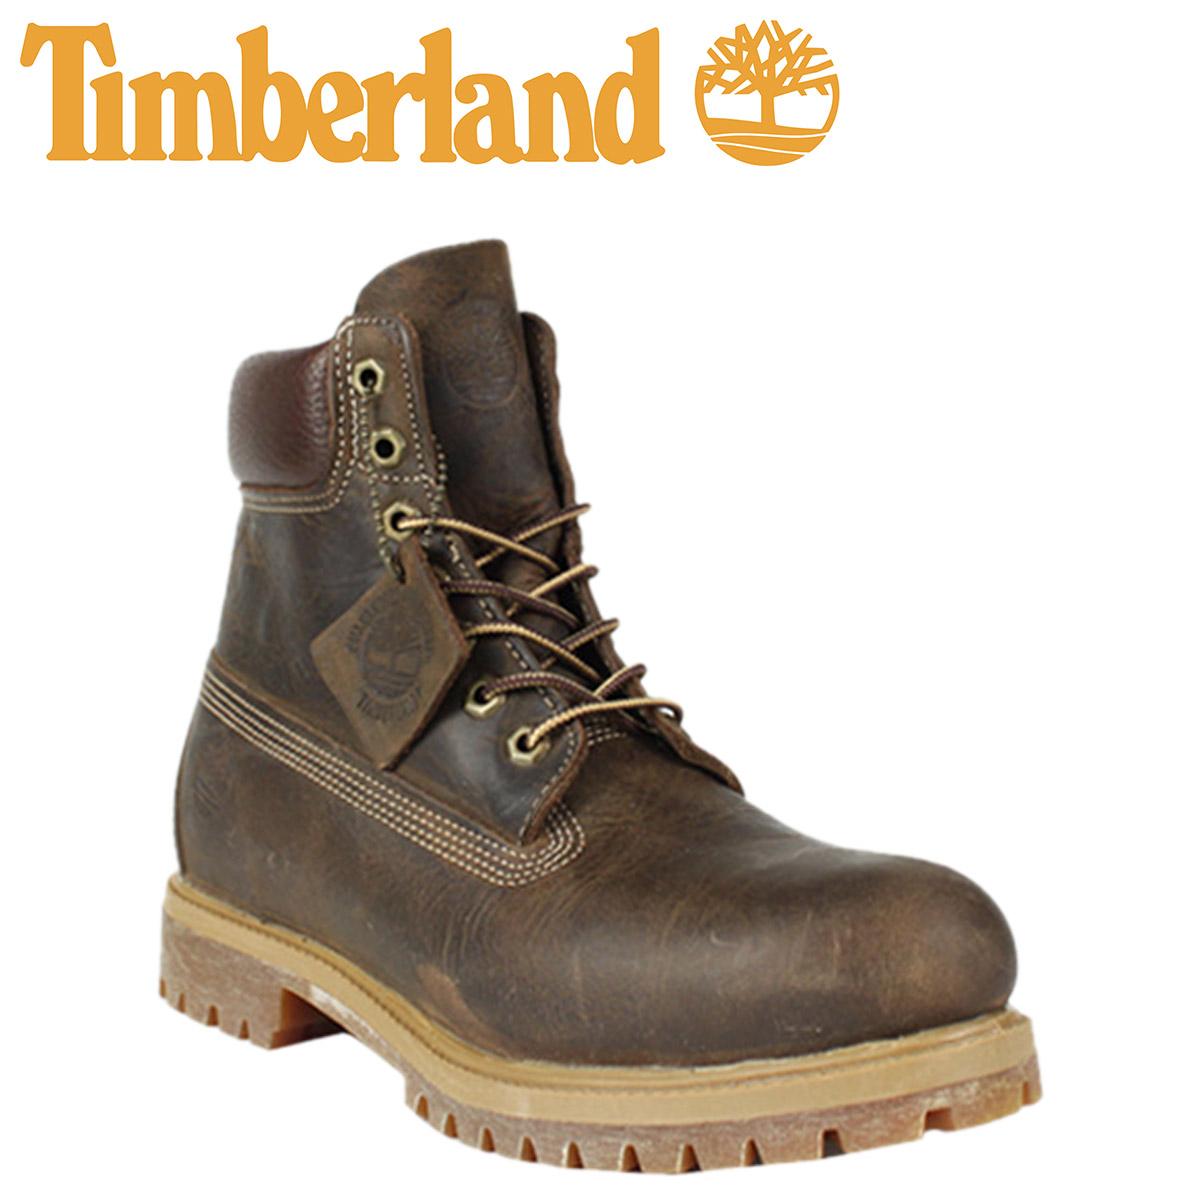 Bottes Timberland - 6 Pouces Haut De Gamme - Bruni Brun 8kg2LsTaGt